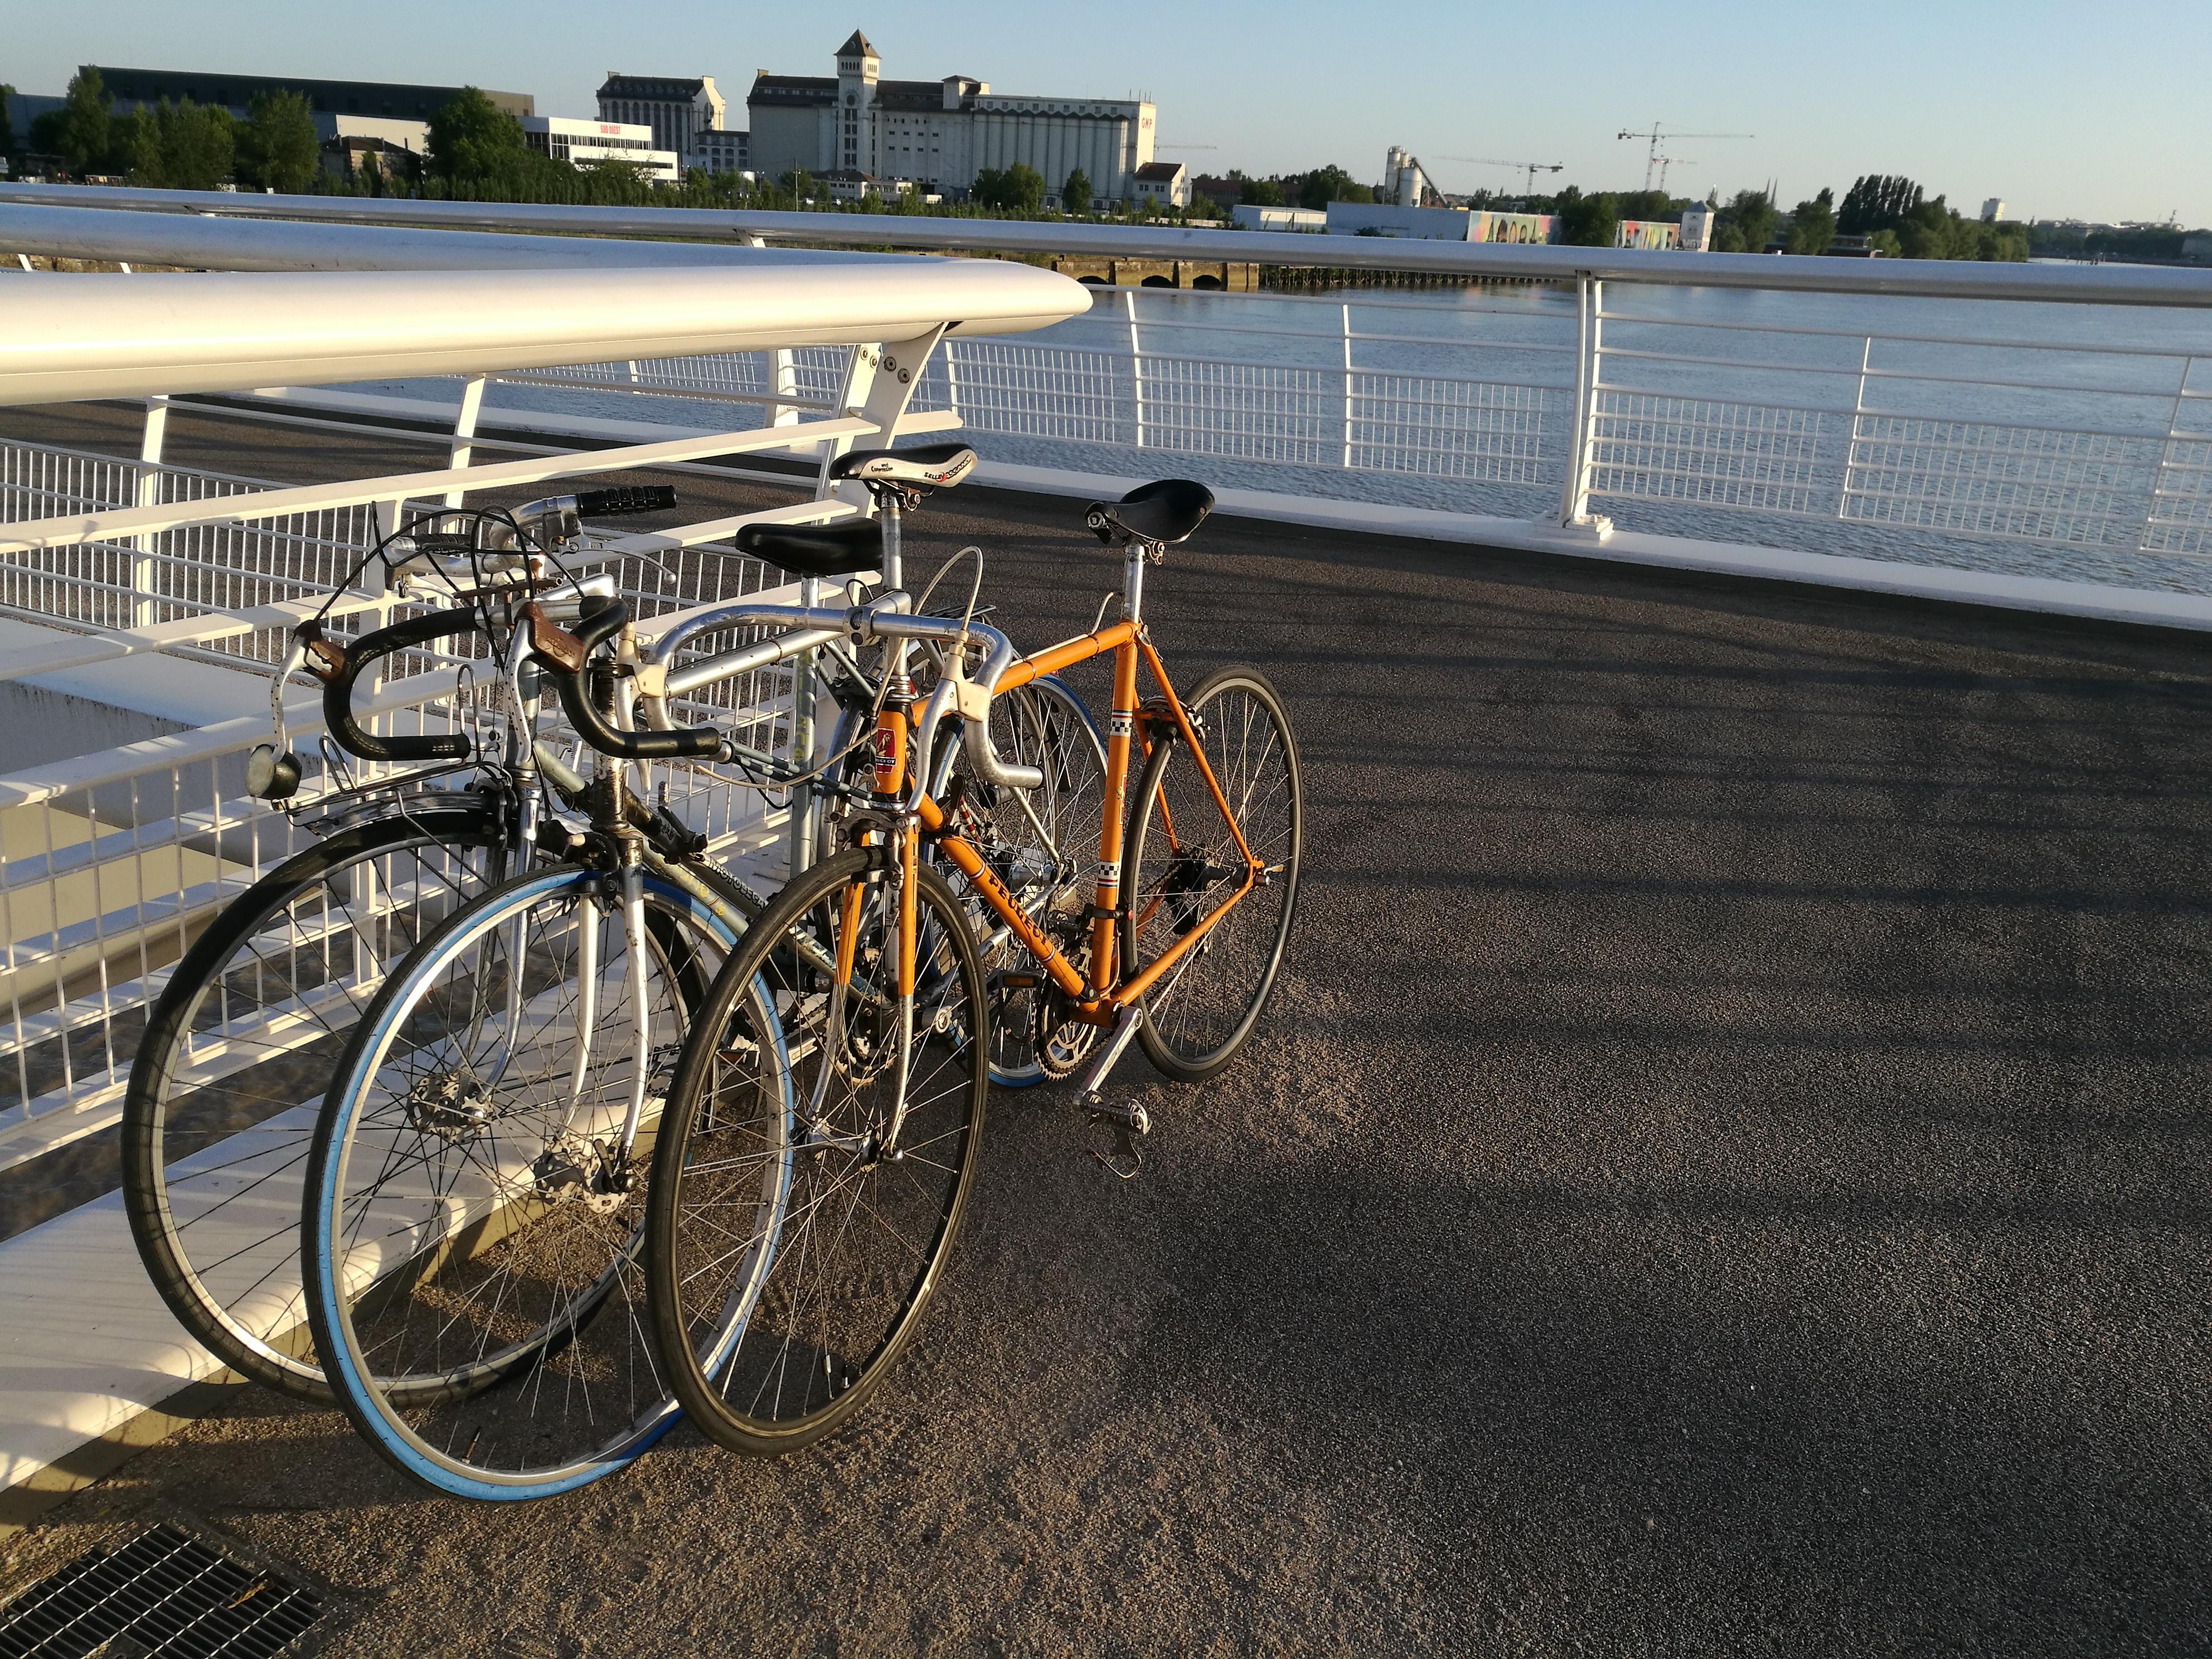 Besoin d'aide pour identification vélo course Peugeot. - Page 2 170609125701590964